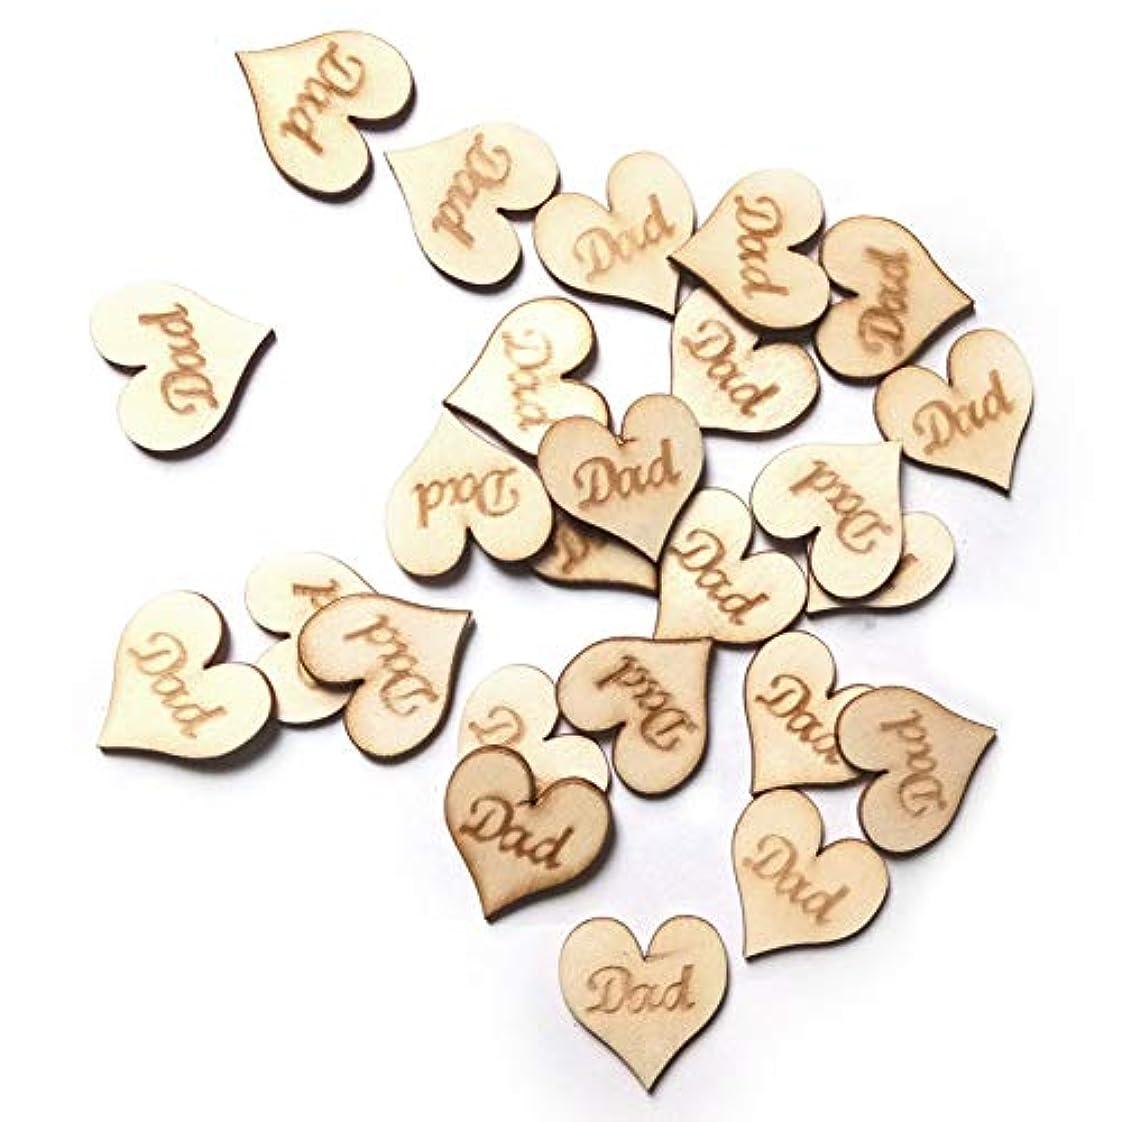 参加者更新昇るNenon&wenom木材チップ 父の日 プレゼント ハート形 木製カード 装飾用木材チップ 部屋飾り物 雰囲気作り 結婚式 DIYホーム装飾 パーティー 誕生日 装飾品 撮影用 小物 多用途 工芸品 25個セット